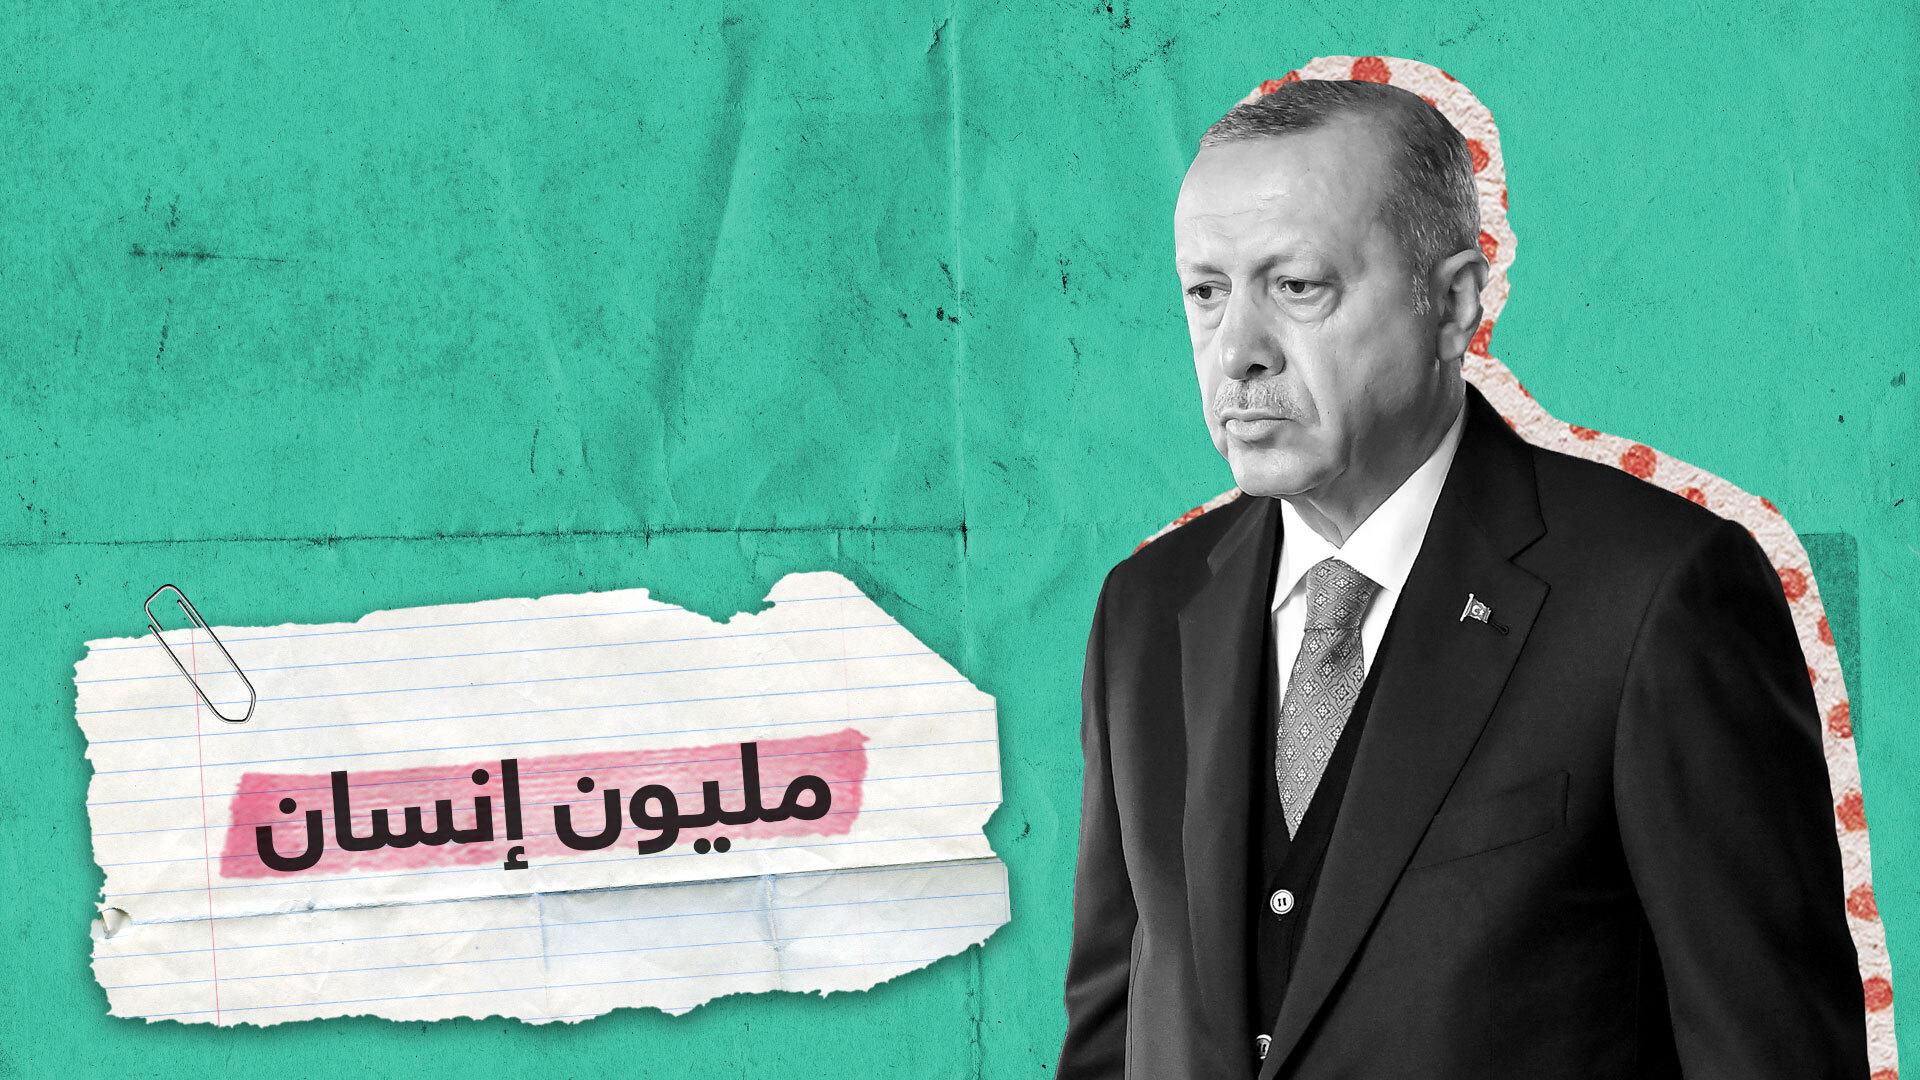 مليون إنسان.. أردوغان يتحدث عن التوطين شمال شرق سوريا